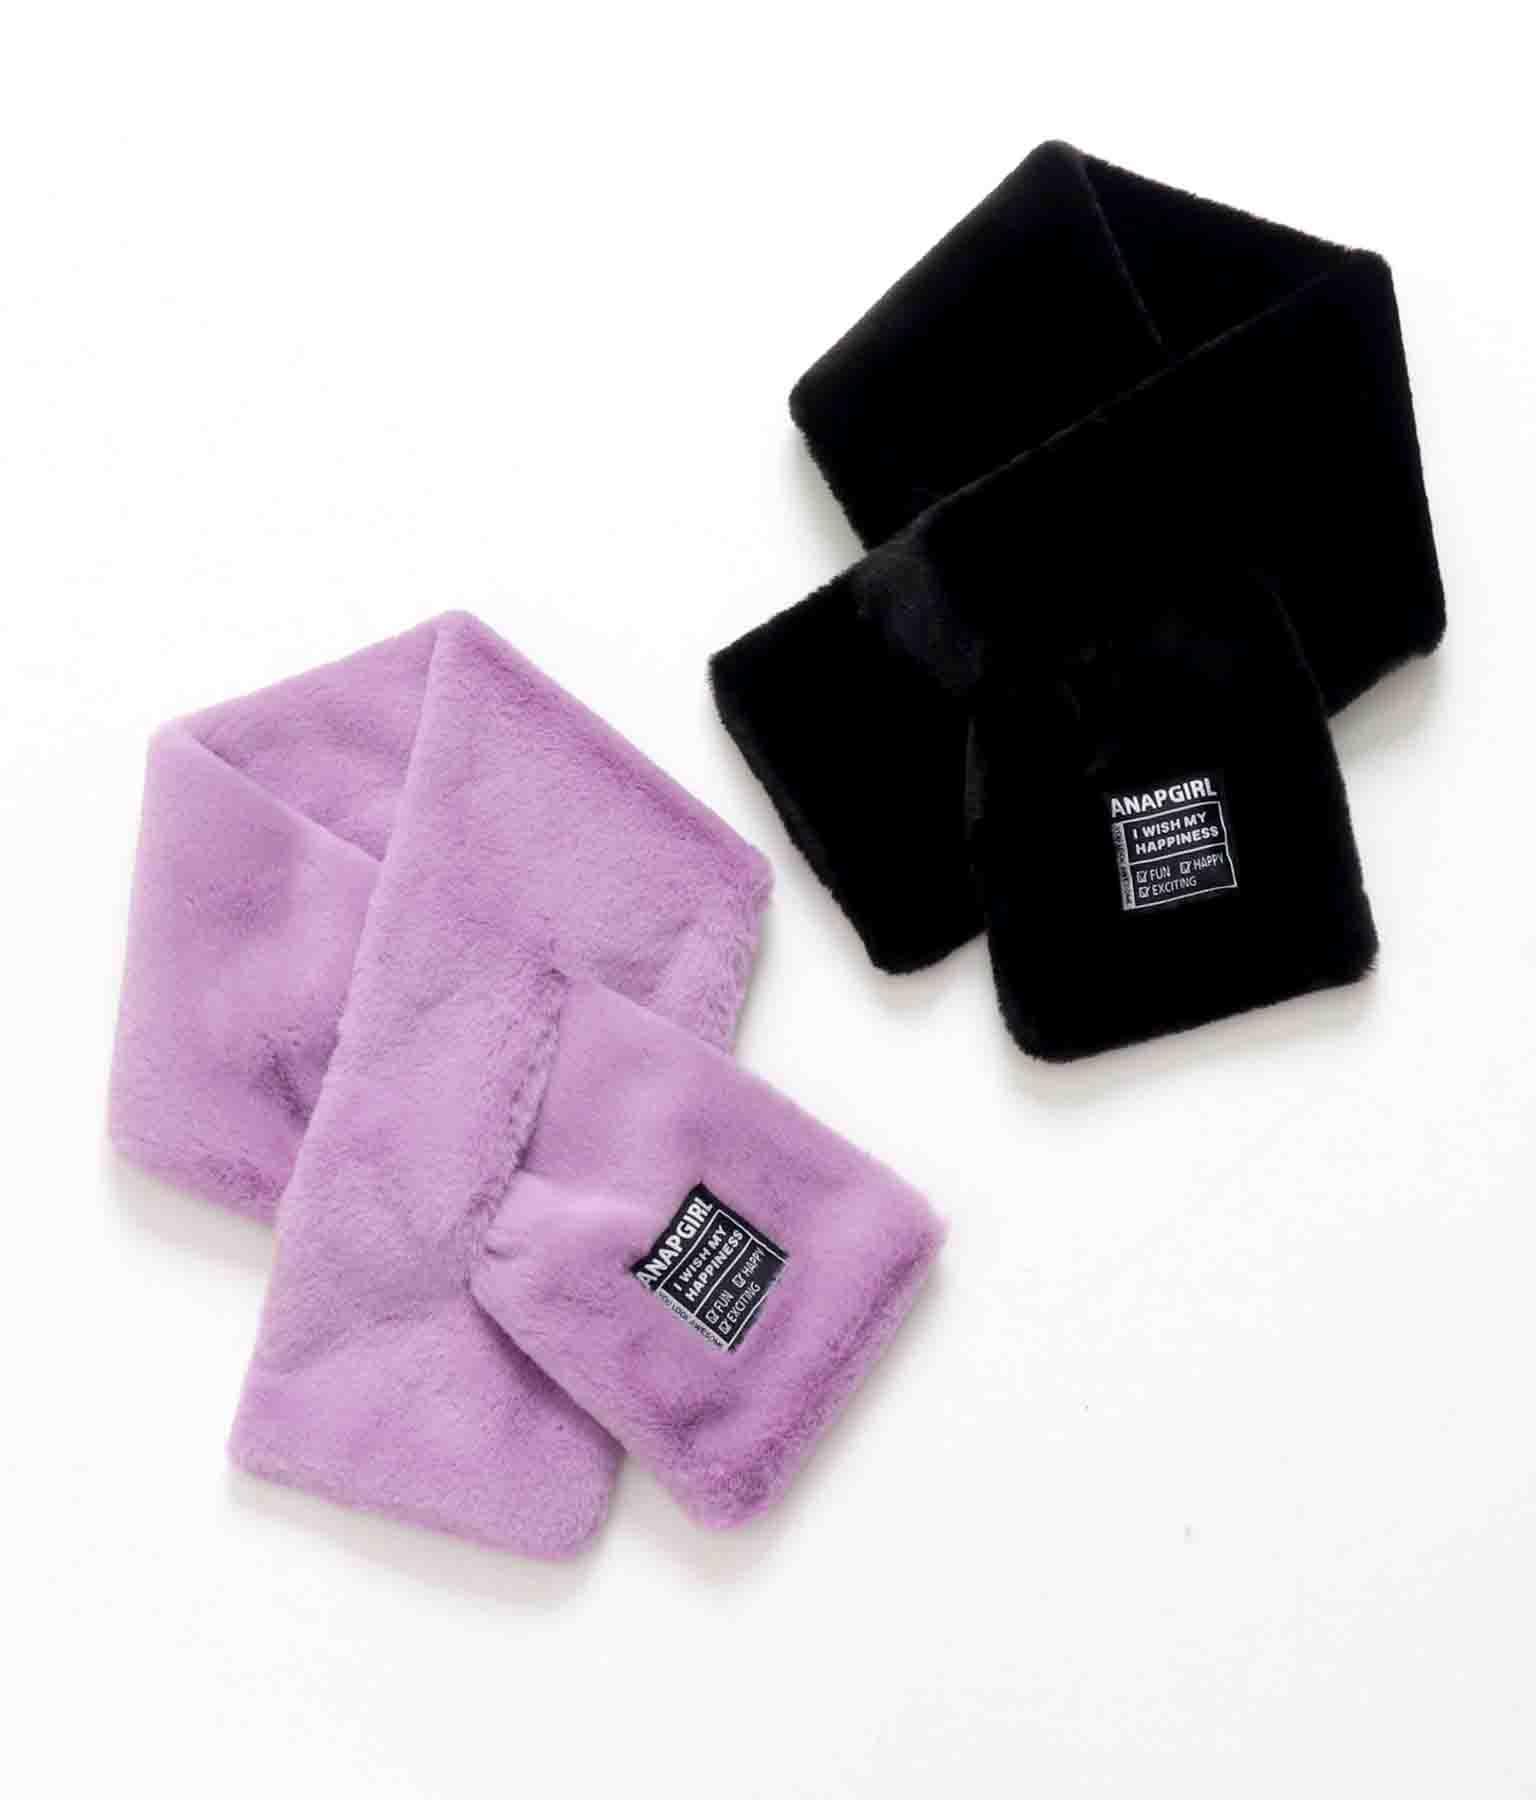 チケット付きフェイクファーマフラー(ファッション雑貨/マフラー・ストール ・スヌード・スカーフ )   ANAP GiRL